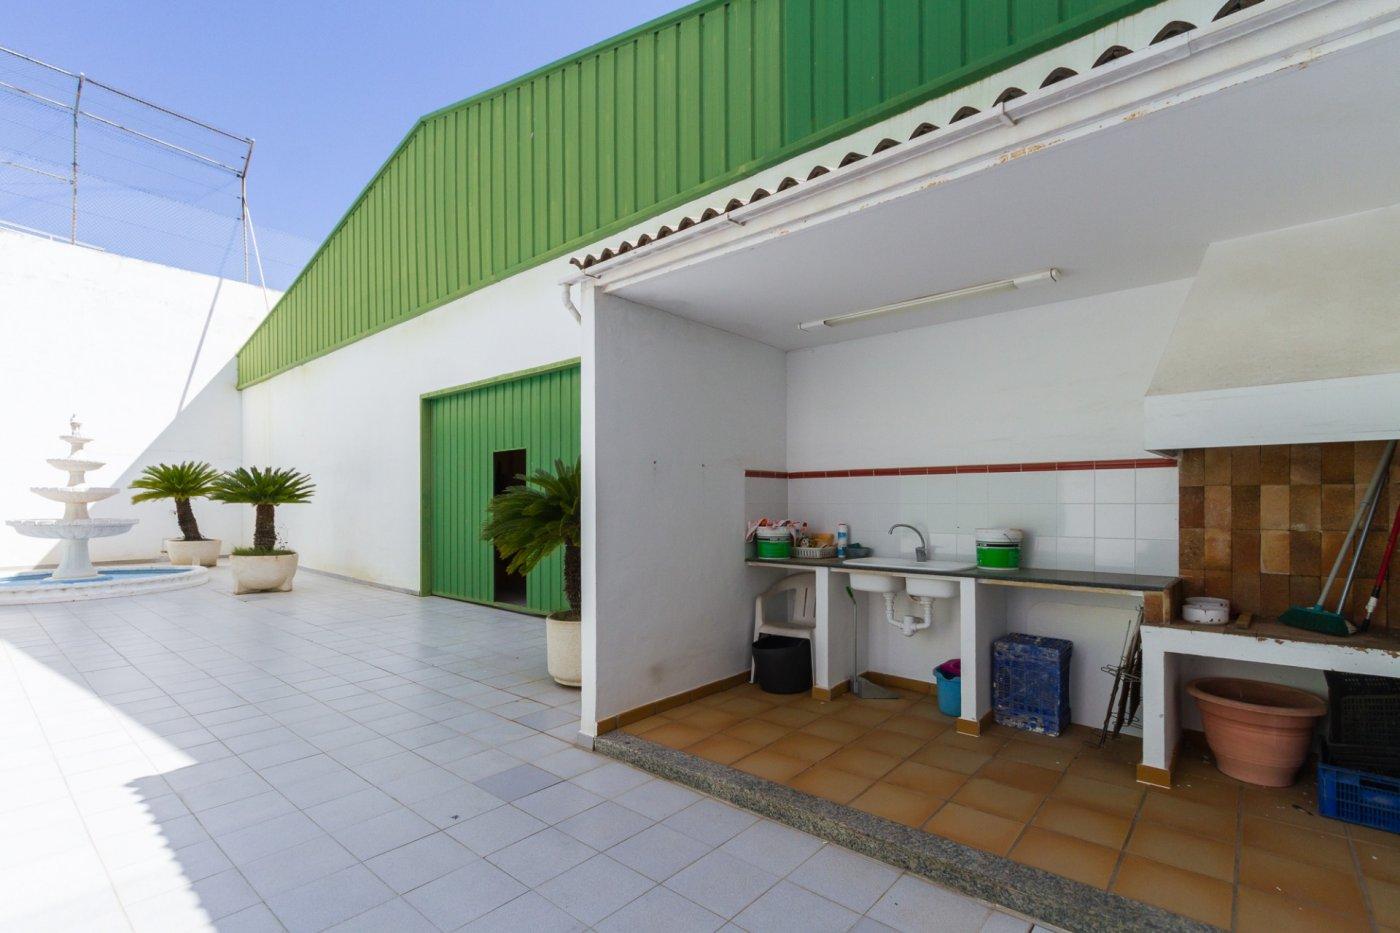 Gran casa en gandia de 800 m2 con casa de verano y nave de 300m2 - imagenInmueble20